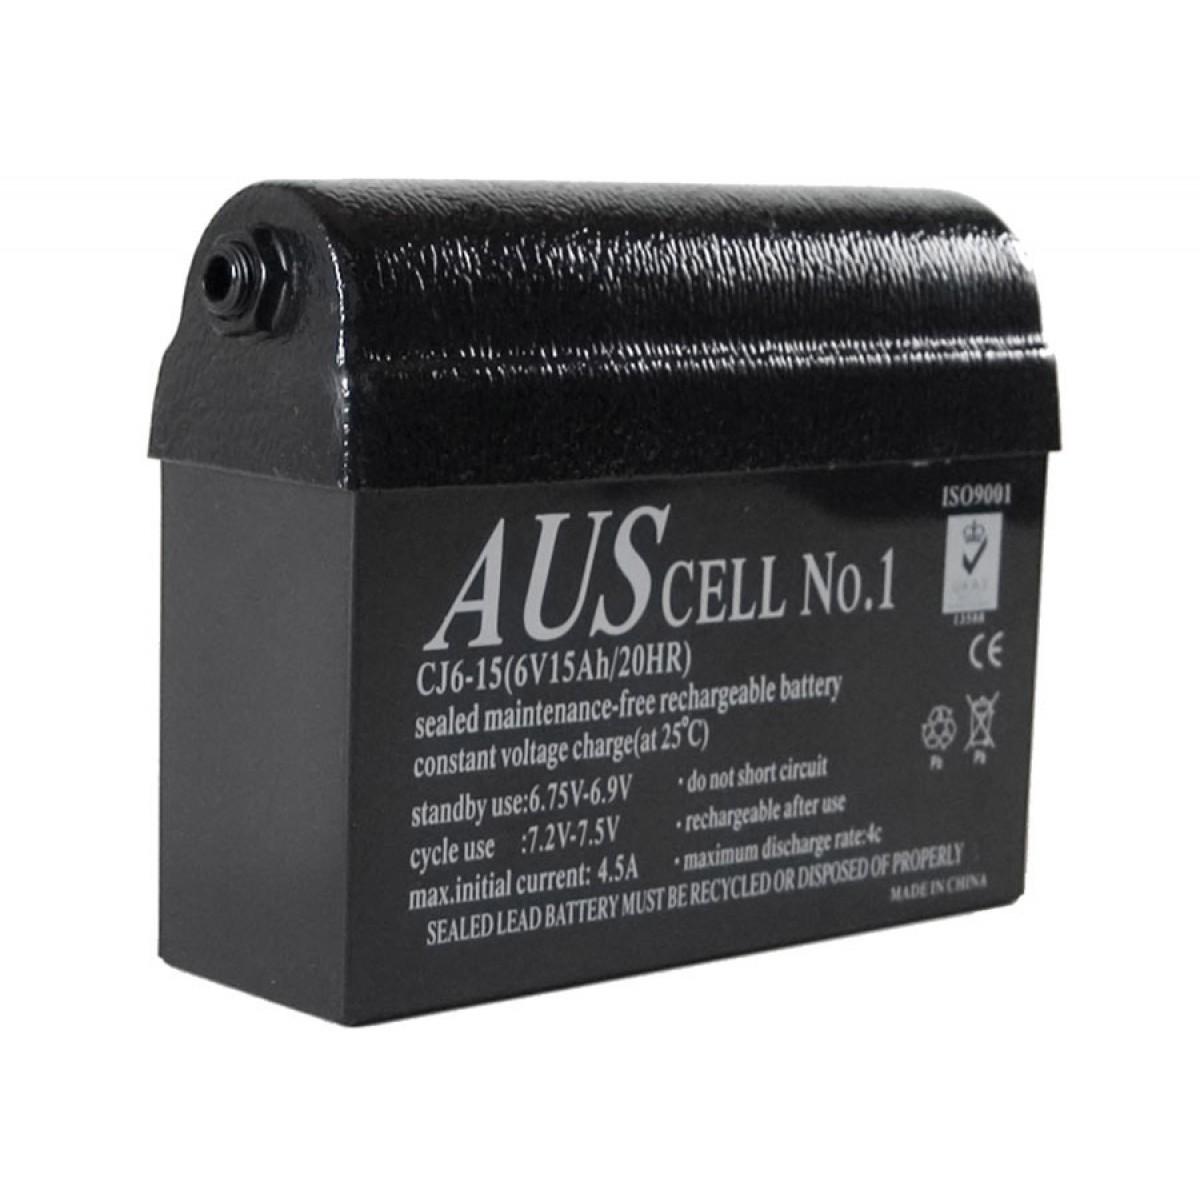 Bateria de Gel 15Ah Minelab para detectores de metais das séries SD e GP